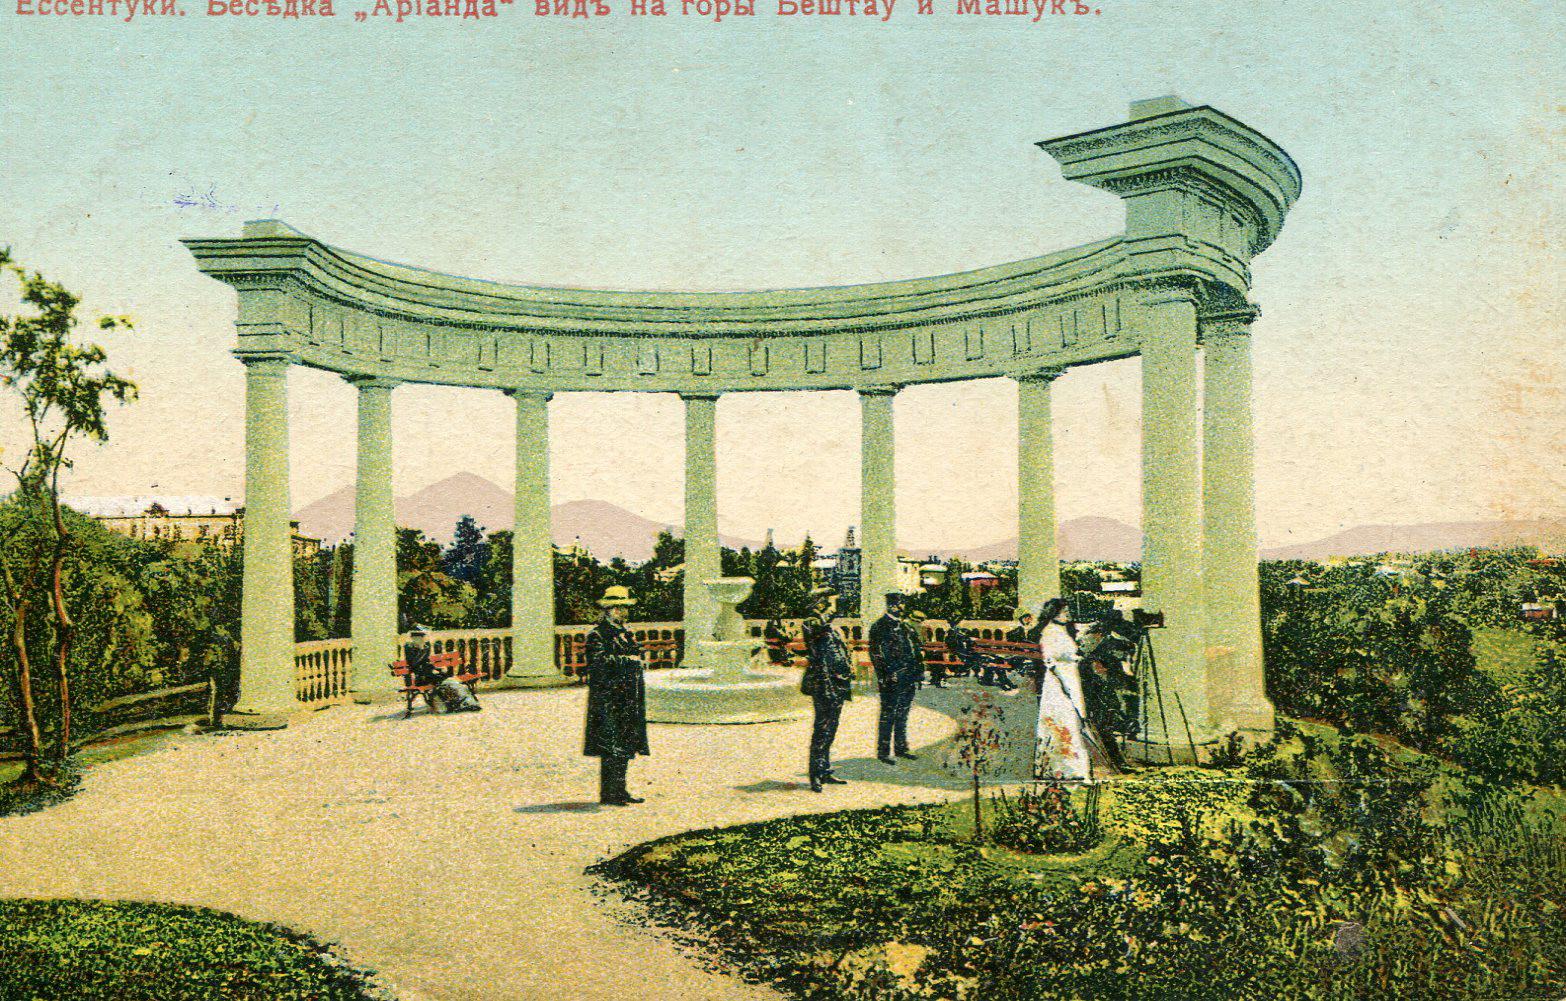 Беседка «Орианда», вид на горы Бештау и Машук